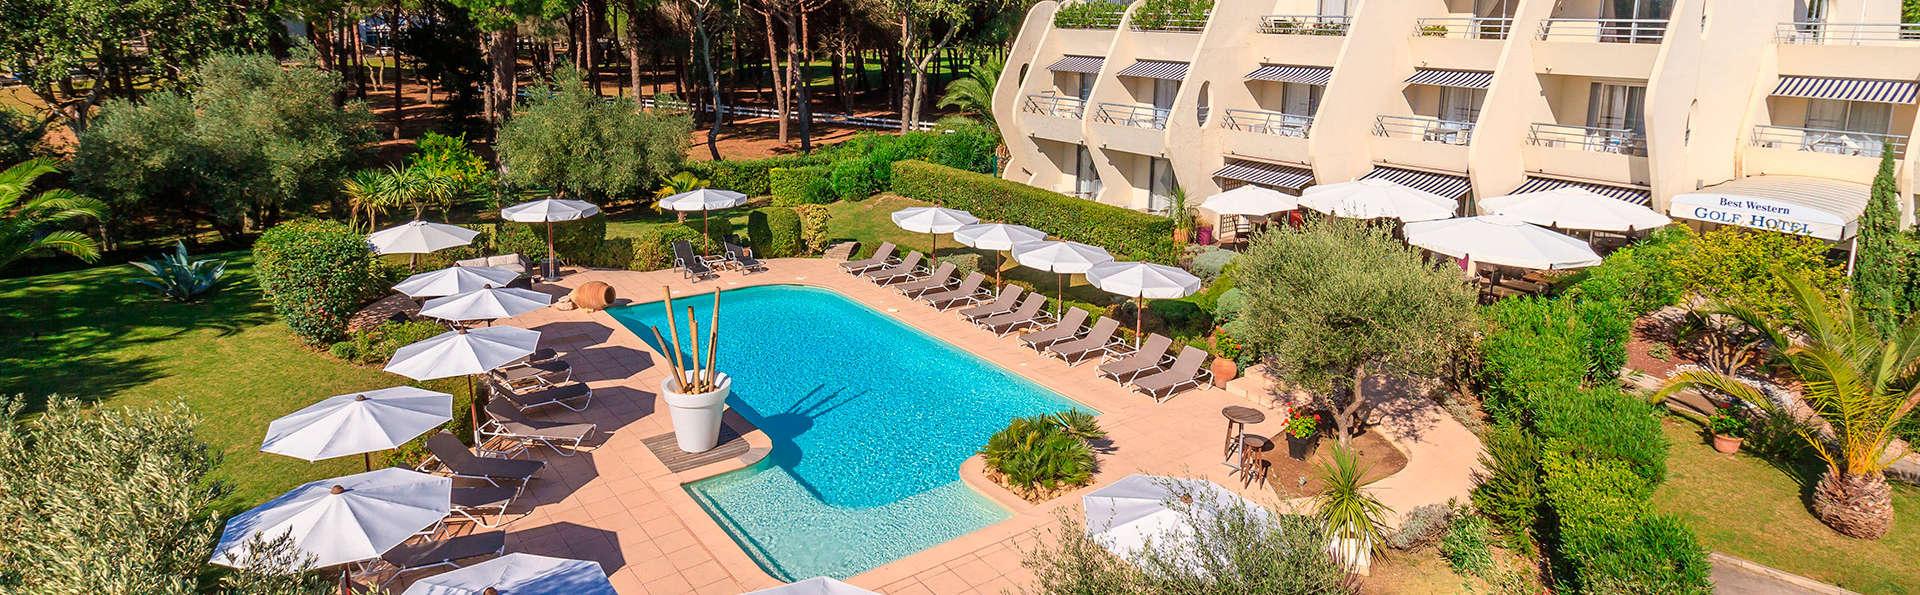 Best Western Golf Hôtel - La Grande motte - EDIT_exterior.jpg